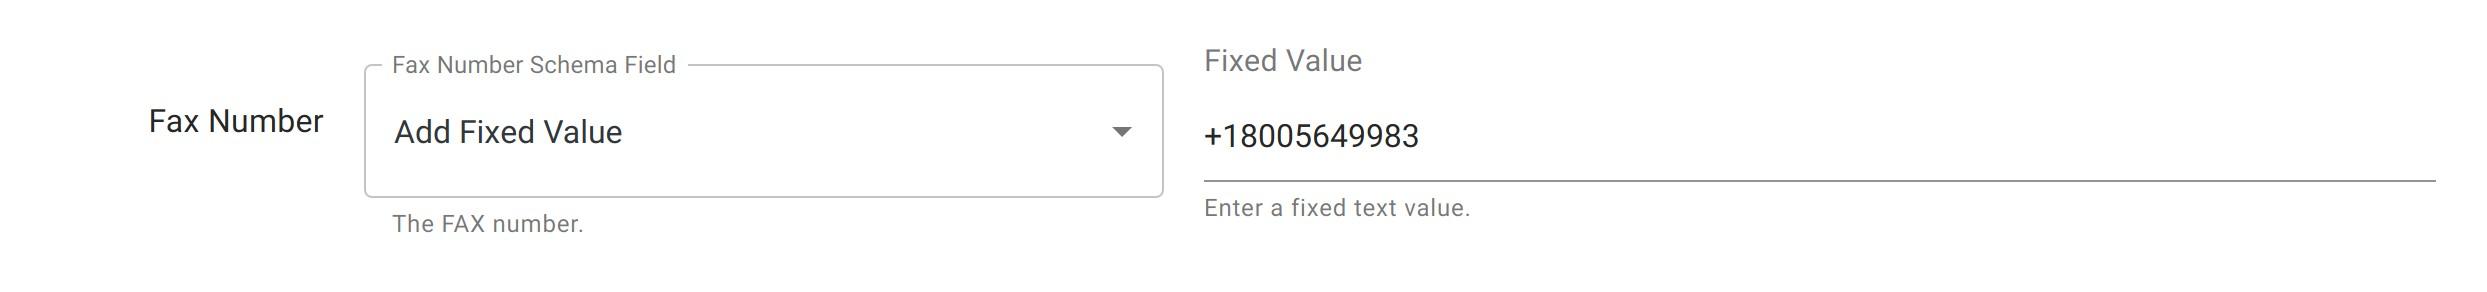 Fax Number - Local Business Schema - WordPress Schema Plugin